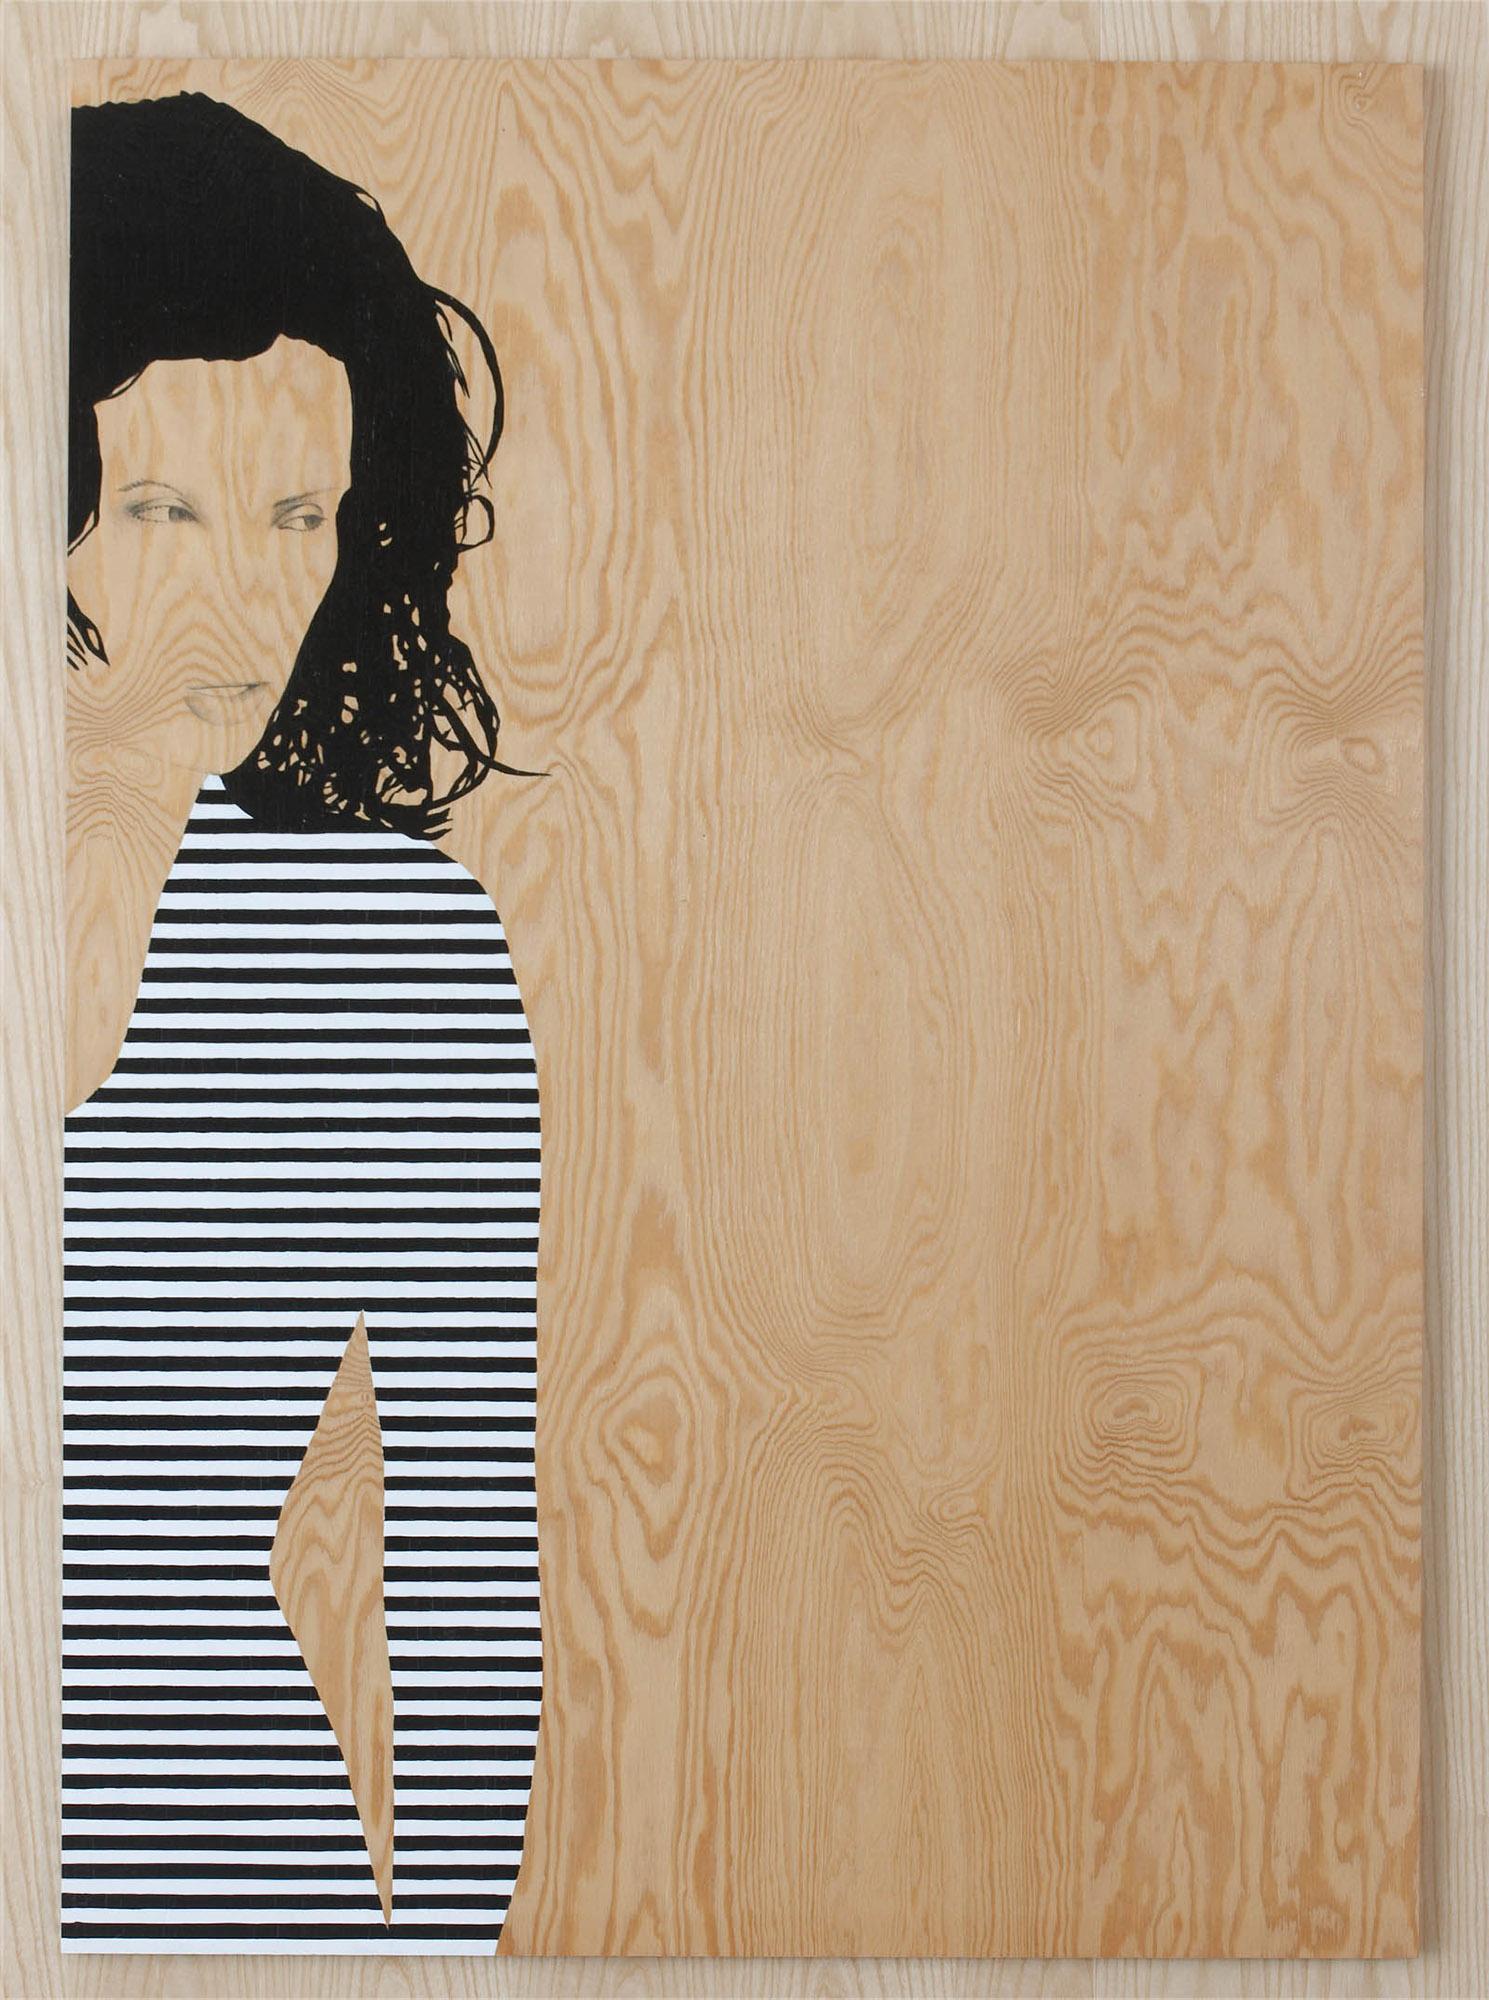 Målning på trä av en kvinna i randig tröja som tittar åt sidan. Robert Lucander, 13 målningar